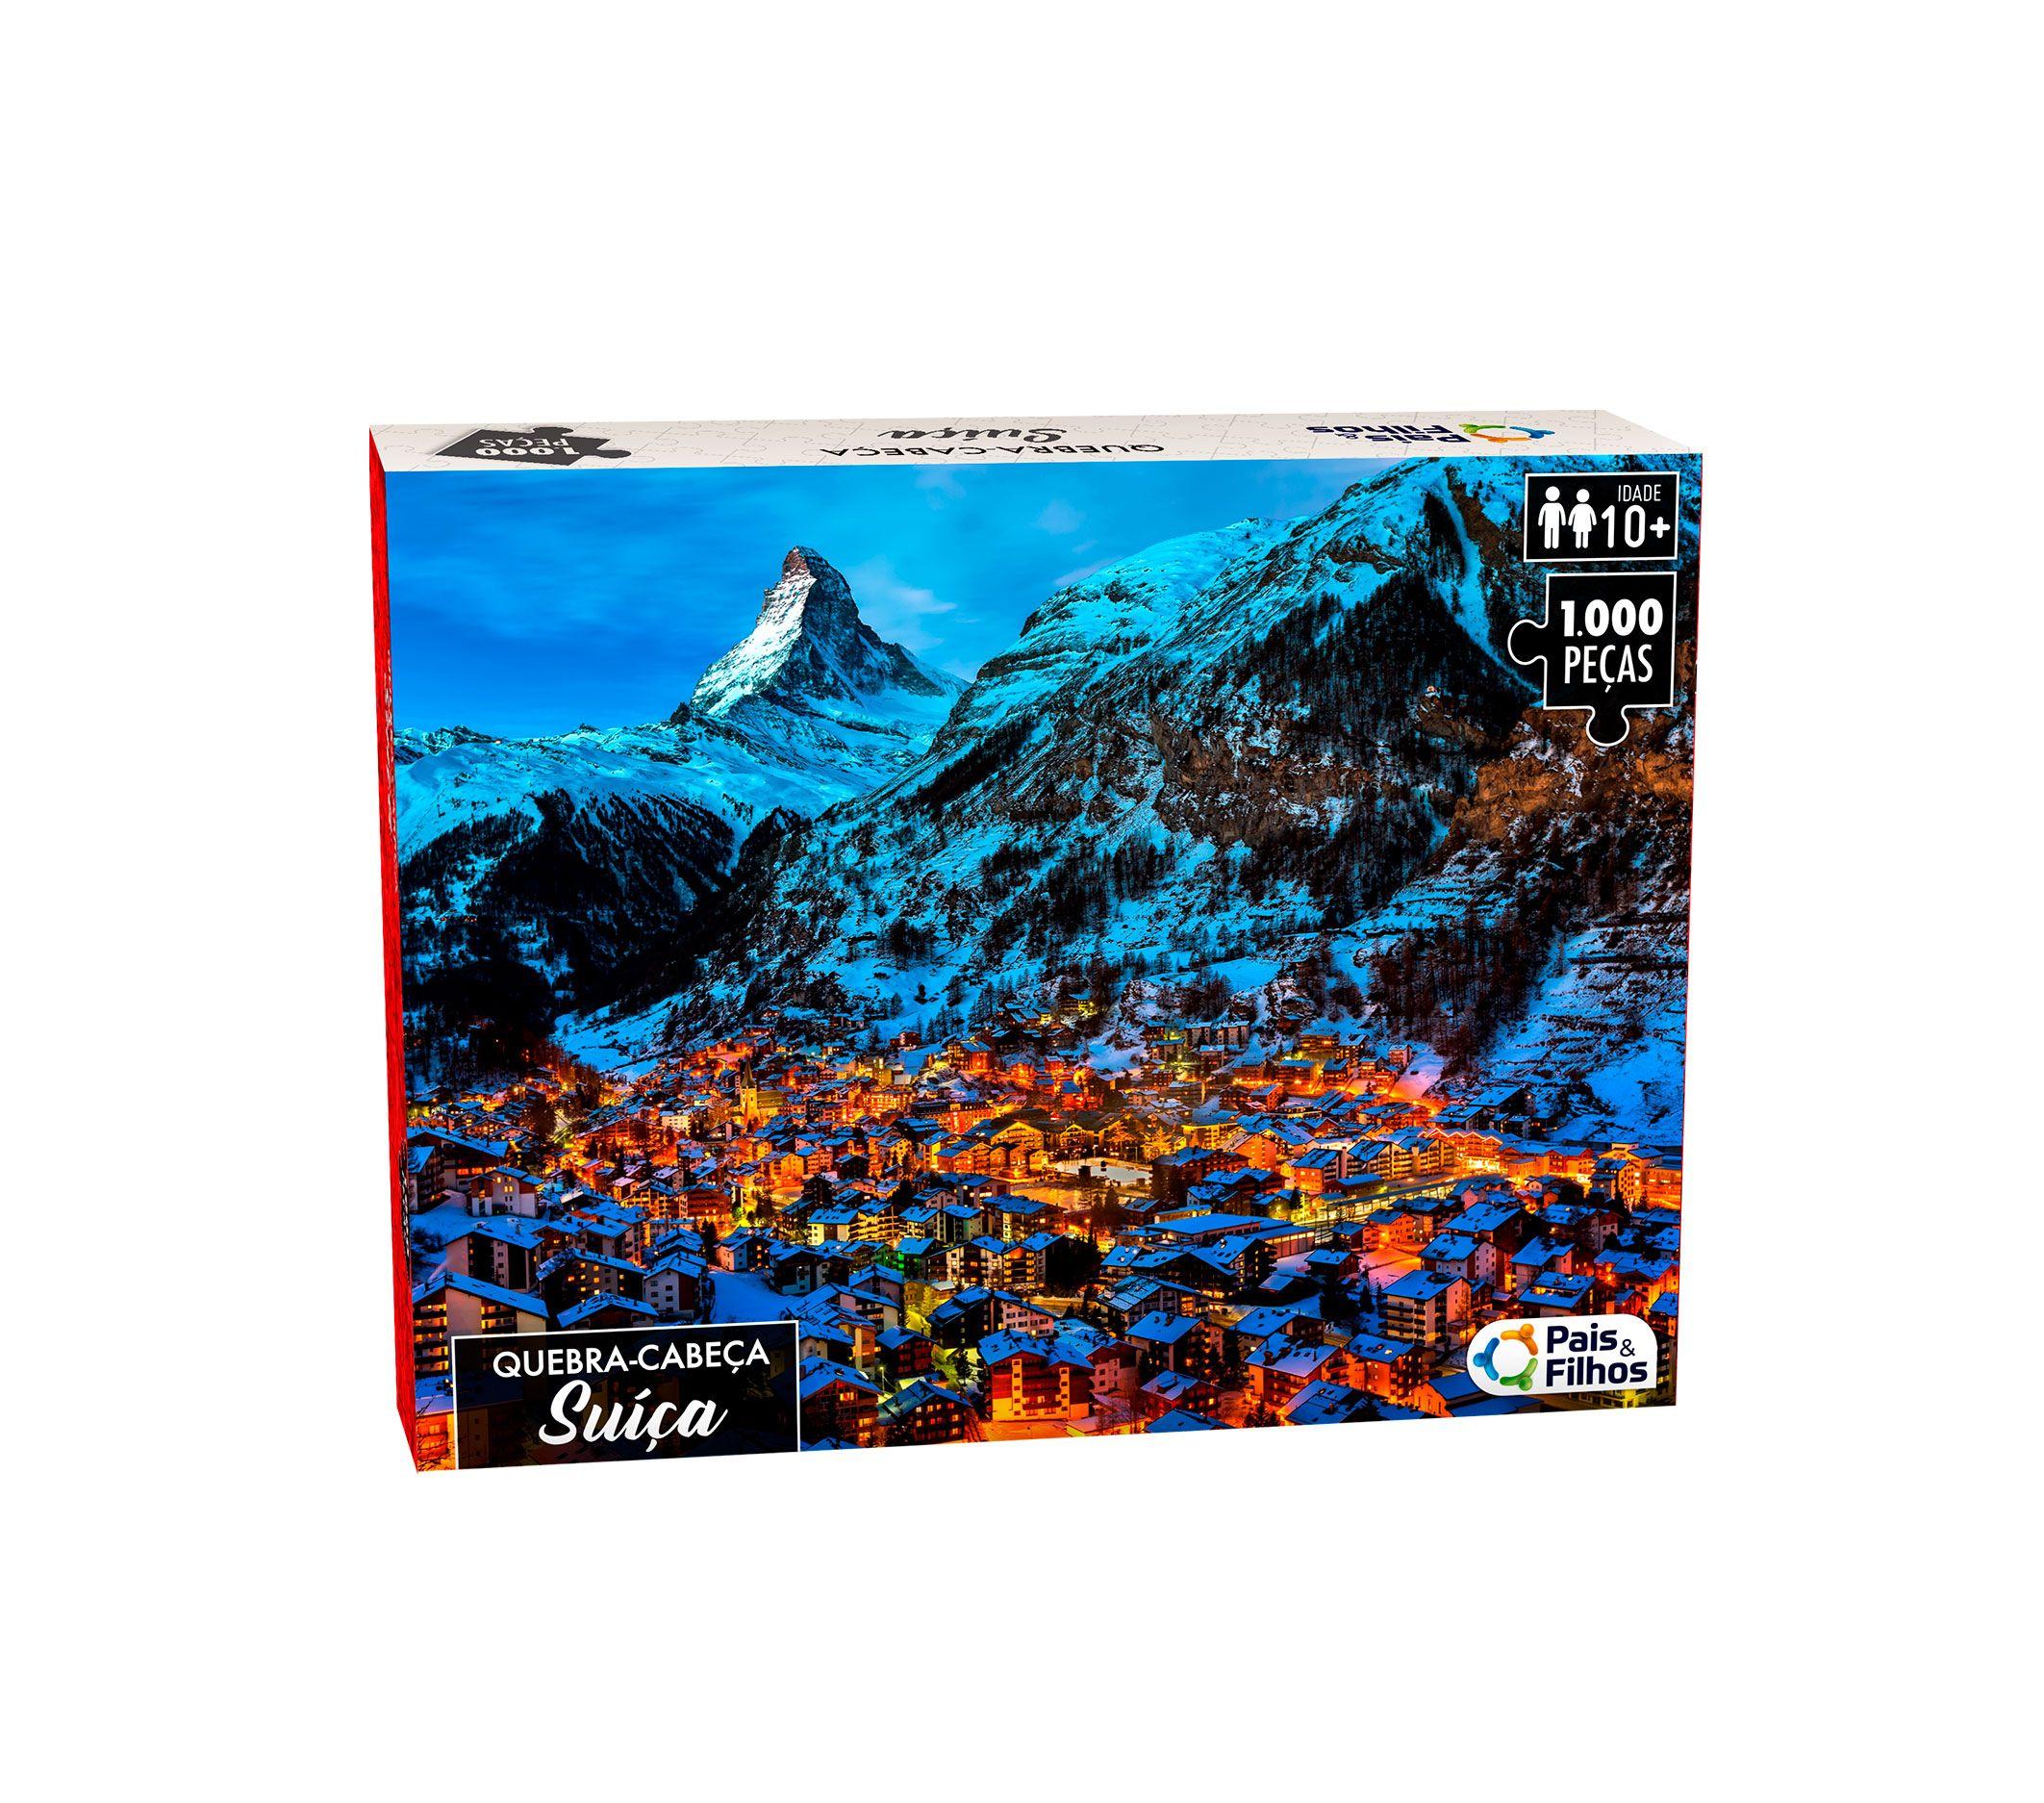 Quebra-Cabeça Suíça 1000 peças-0960